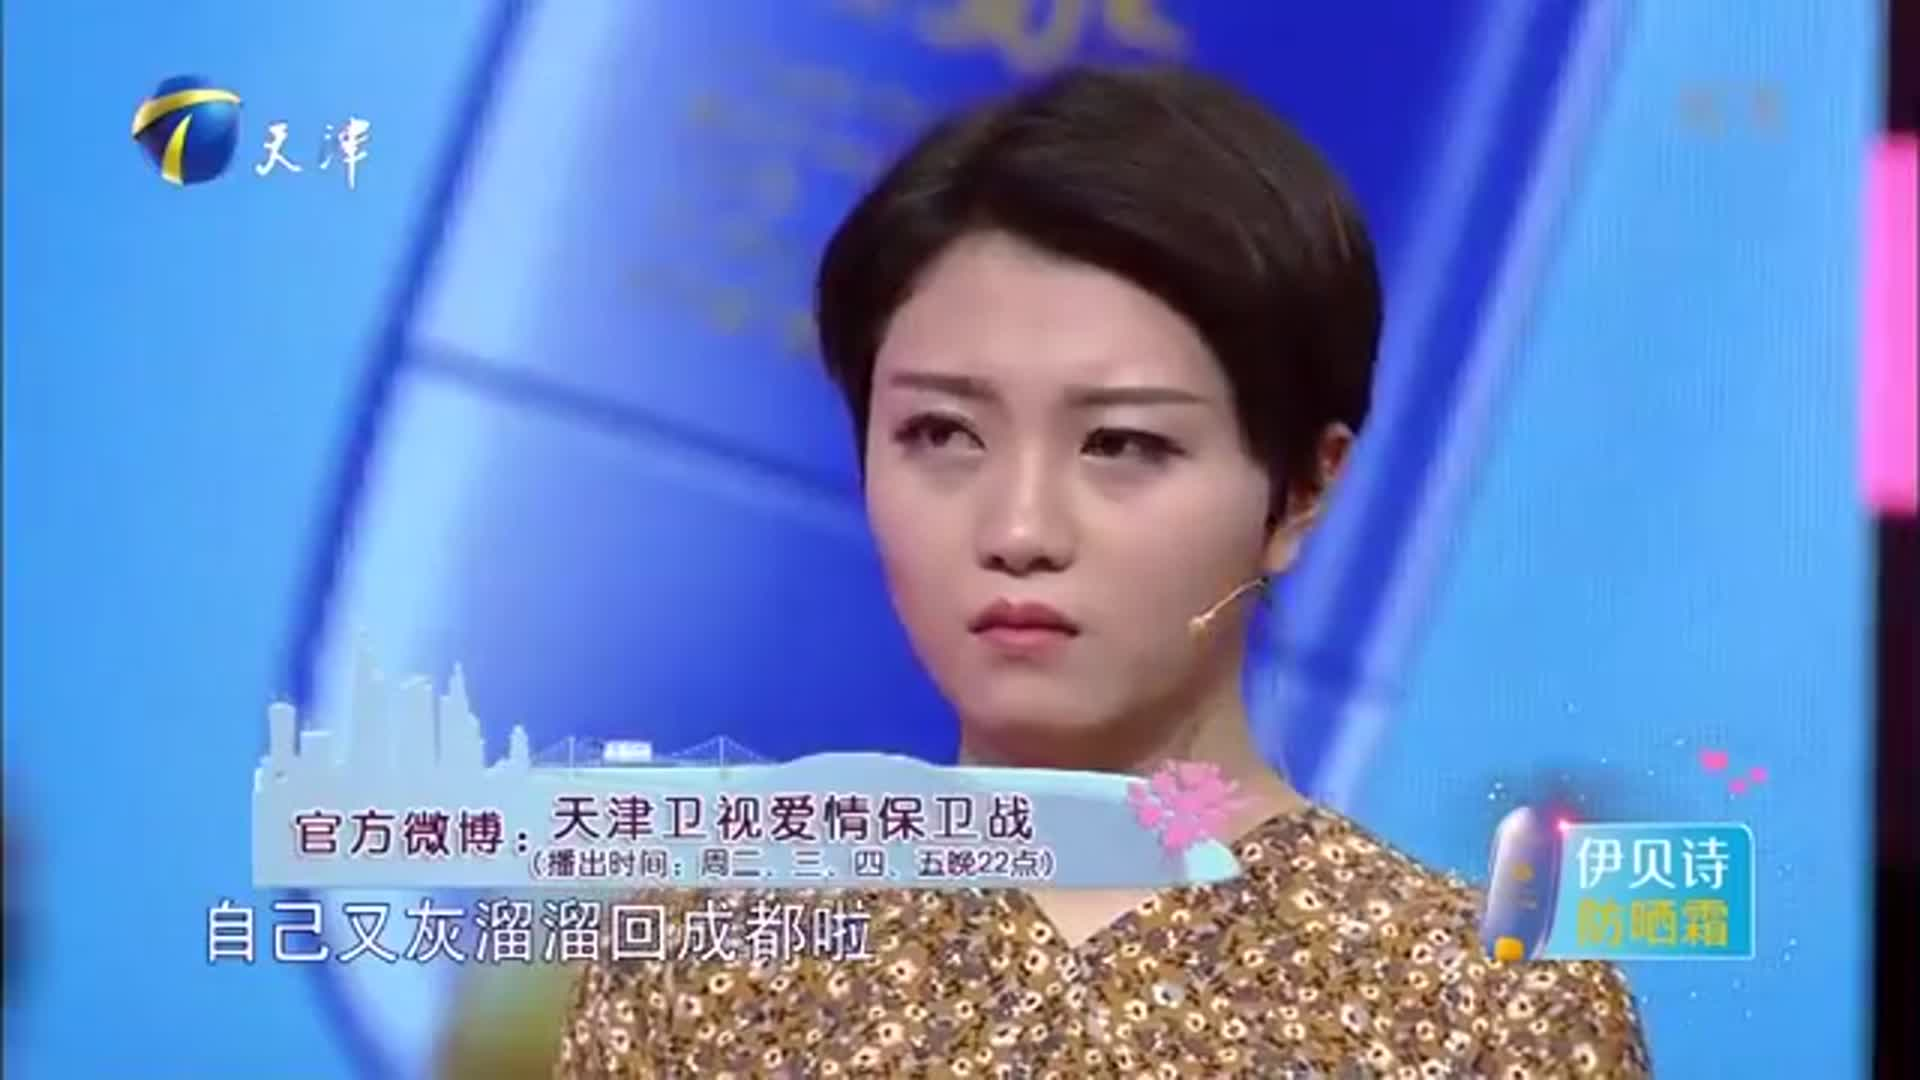 23岁小伙在酒吧打工,却欺骗女友自己是编辑助理,涂磊精彩点评!